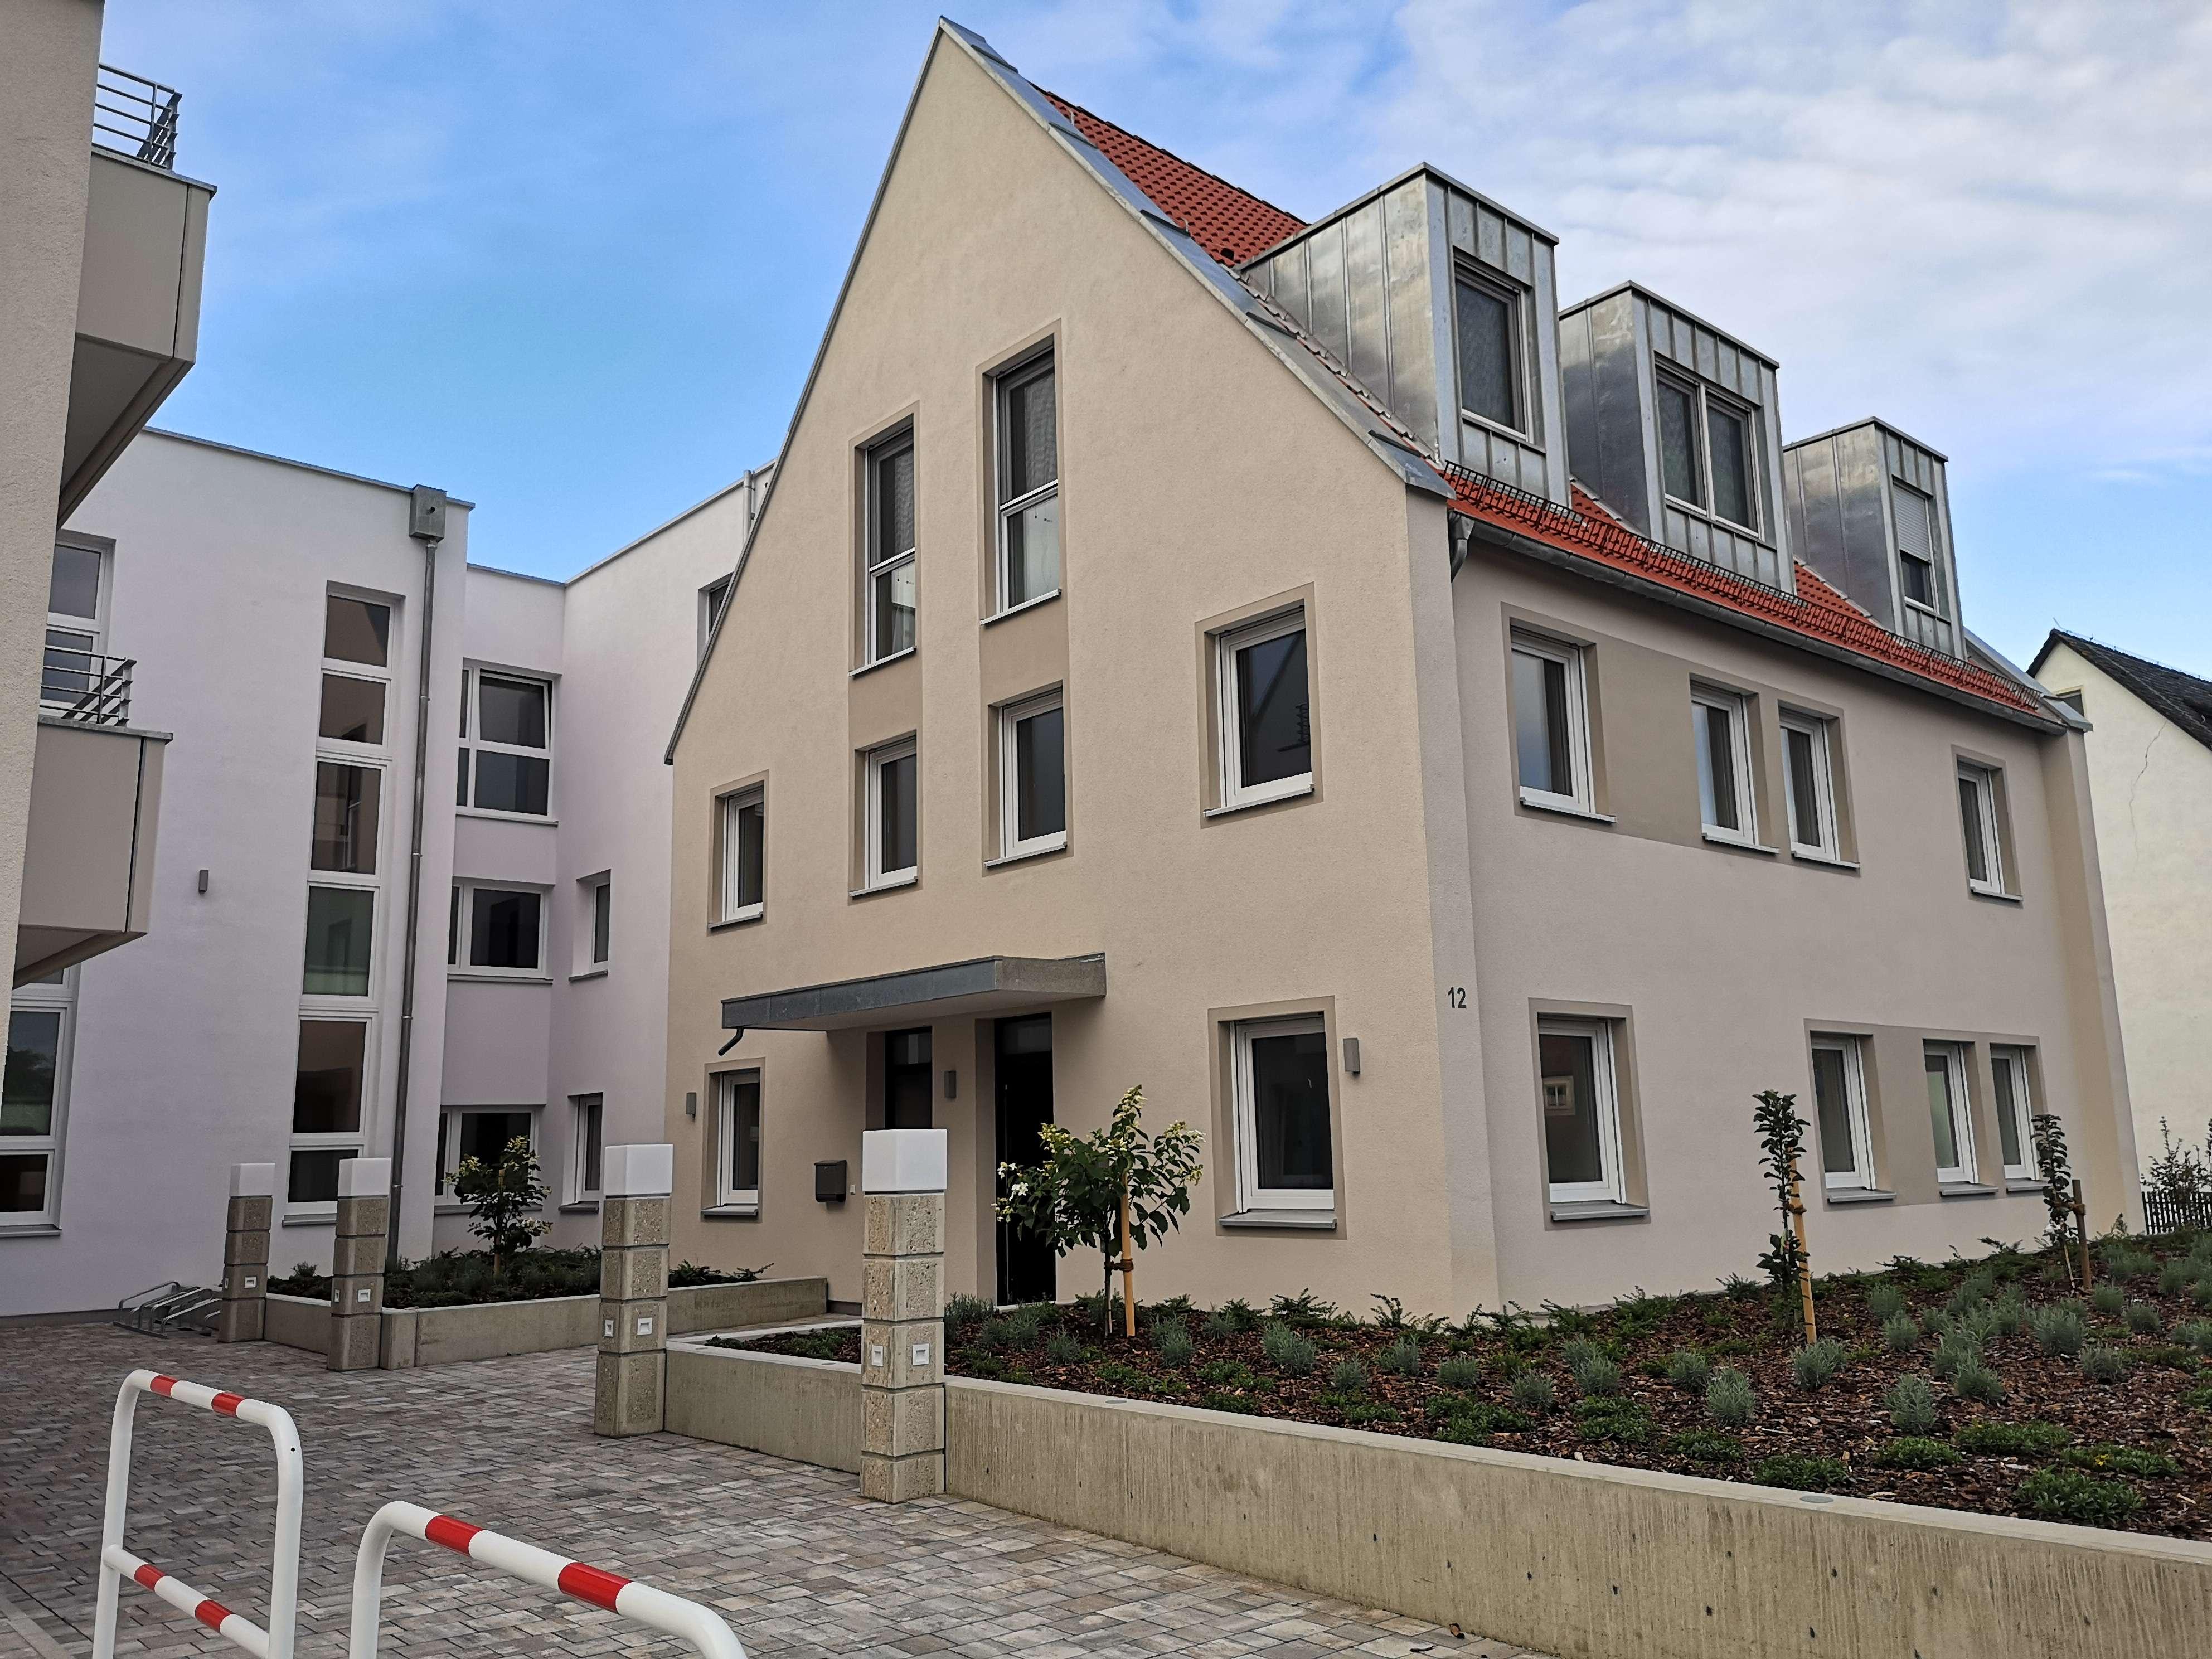 Gemütliche 2-Zimmer-Erdgeschosswohnung in Heilsbronn in Heilsbronn